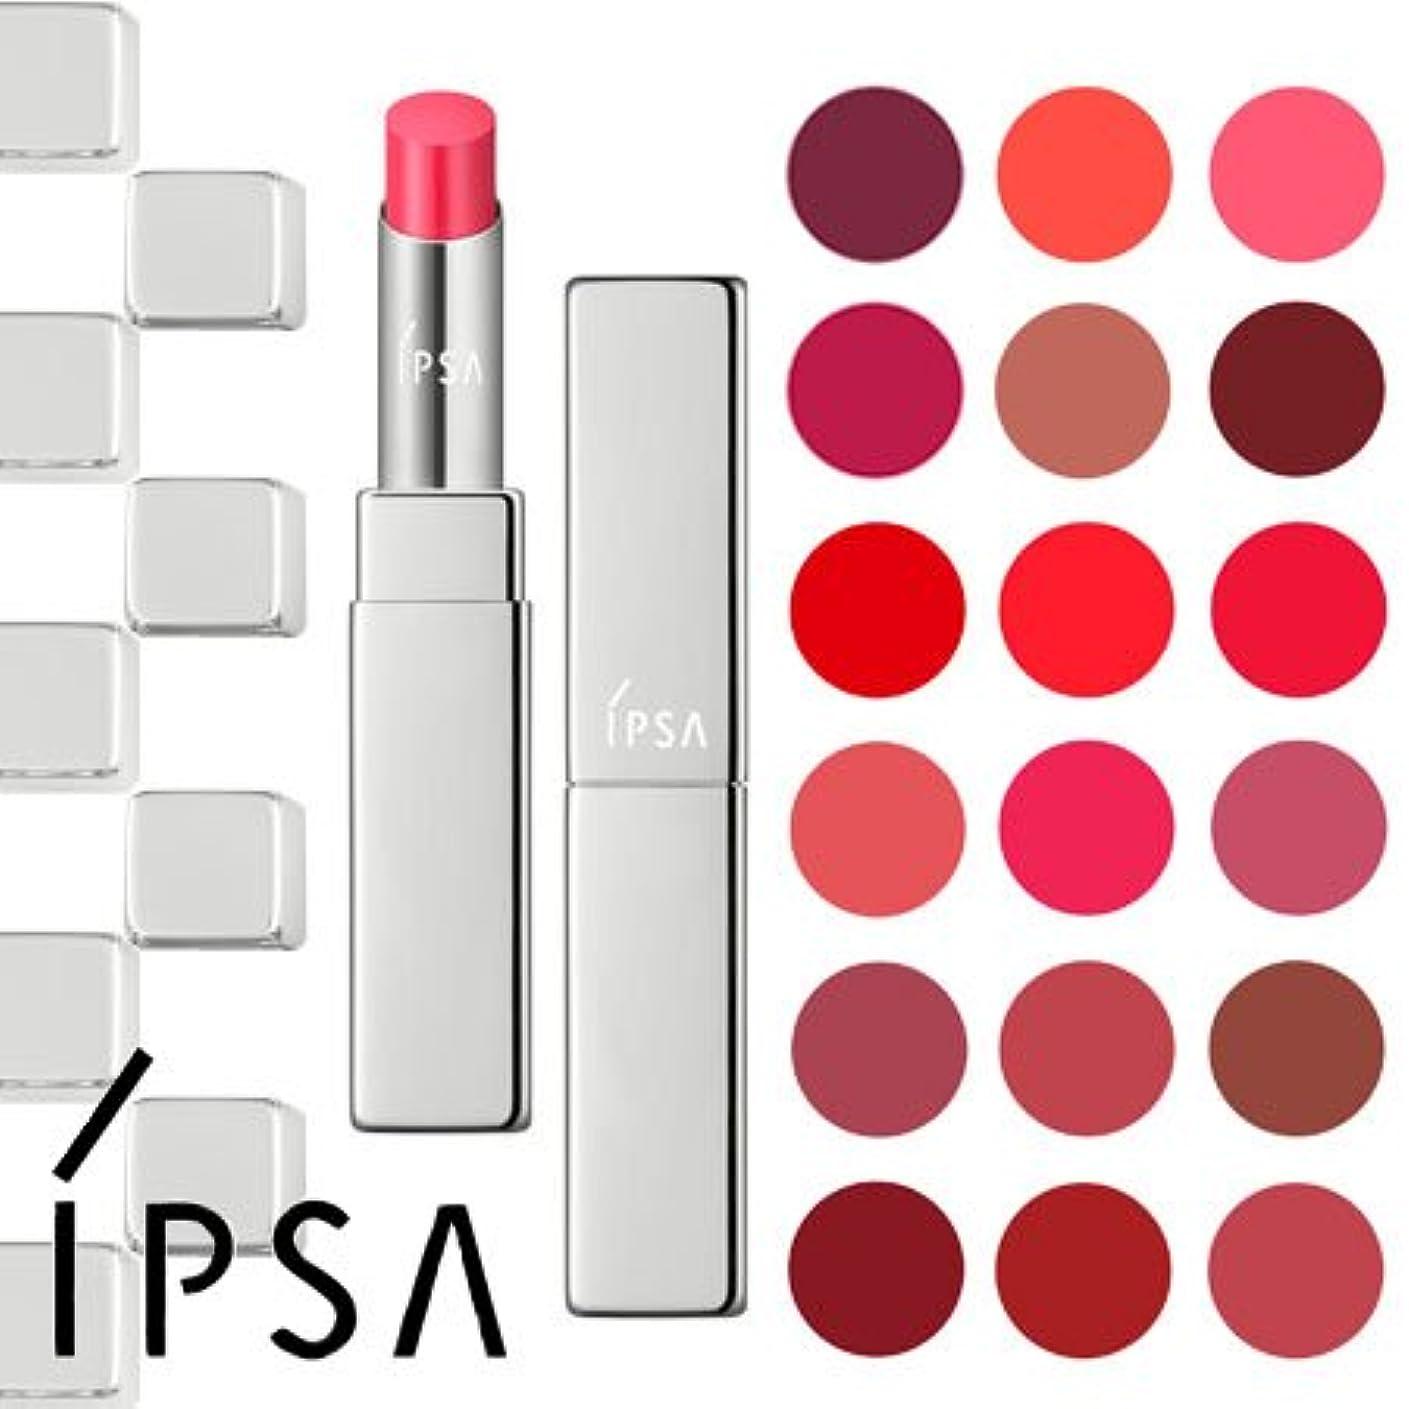 テンション欲しいです欺くイプサ リップスティック -IPSA- C08